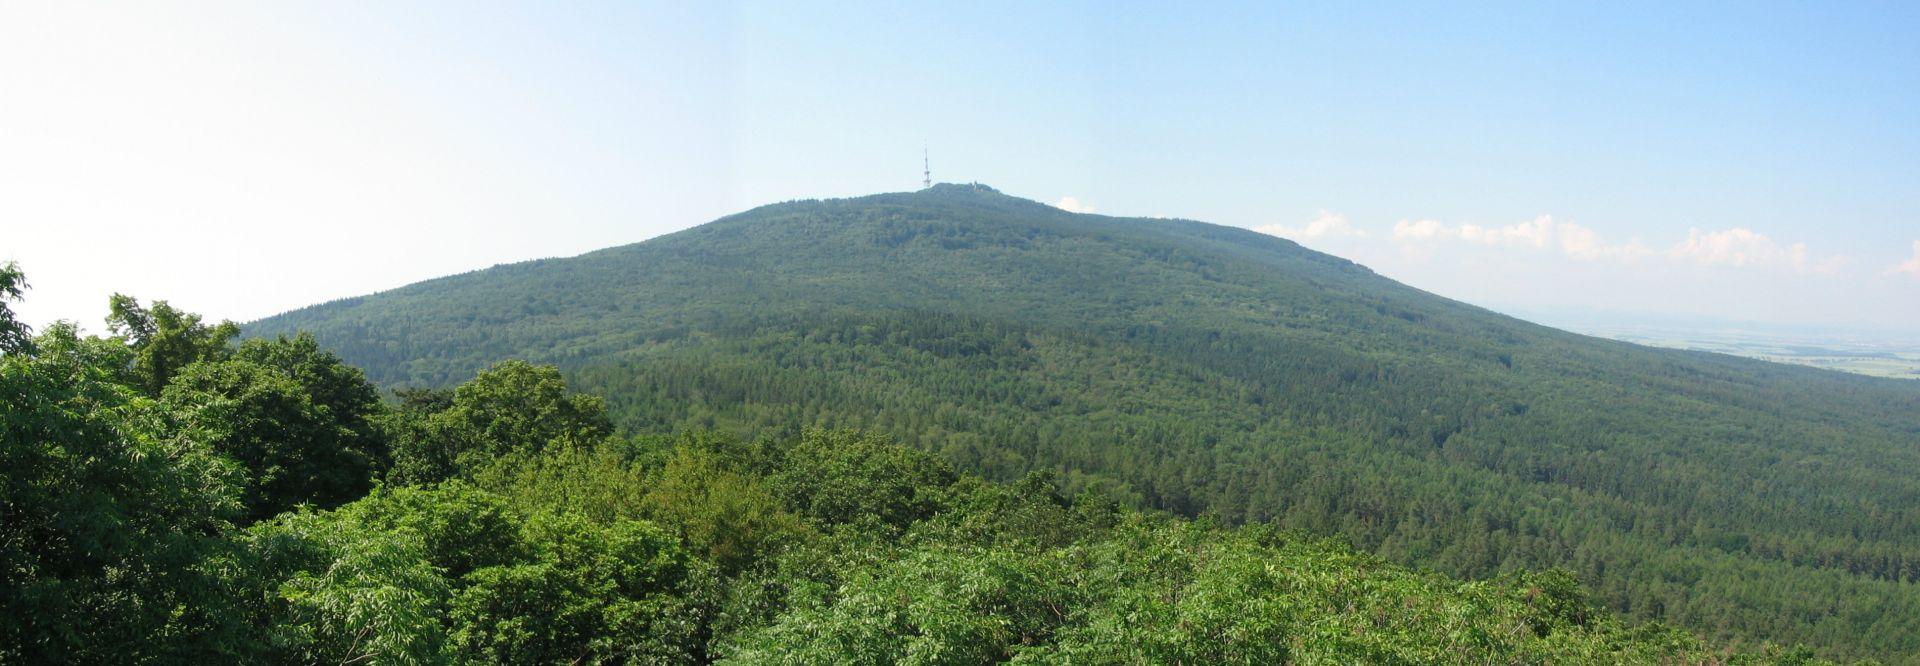 Widok na Ślężę z wieży na Wieżycy